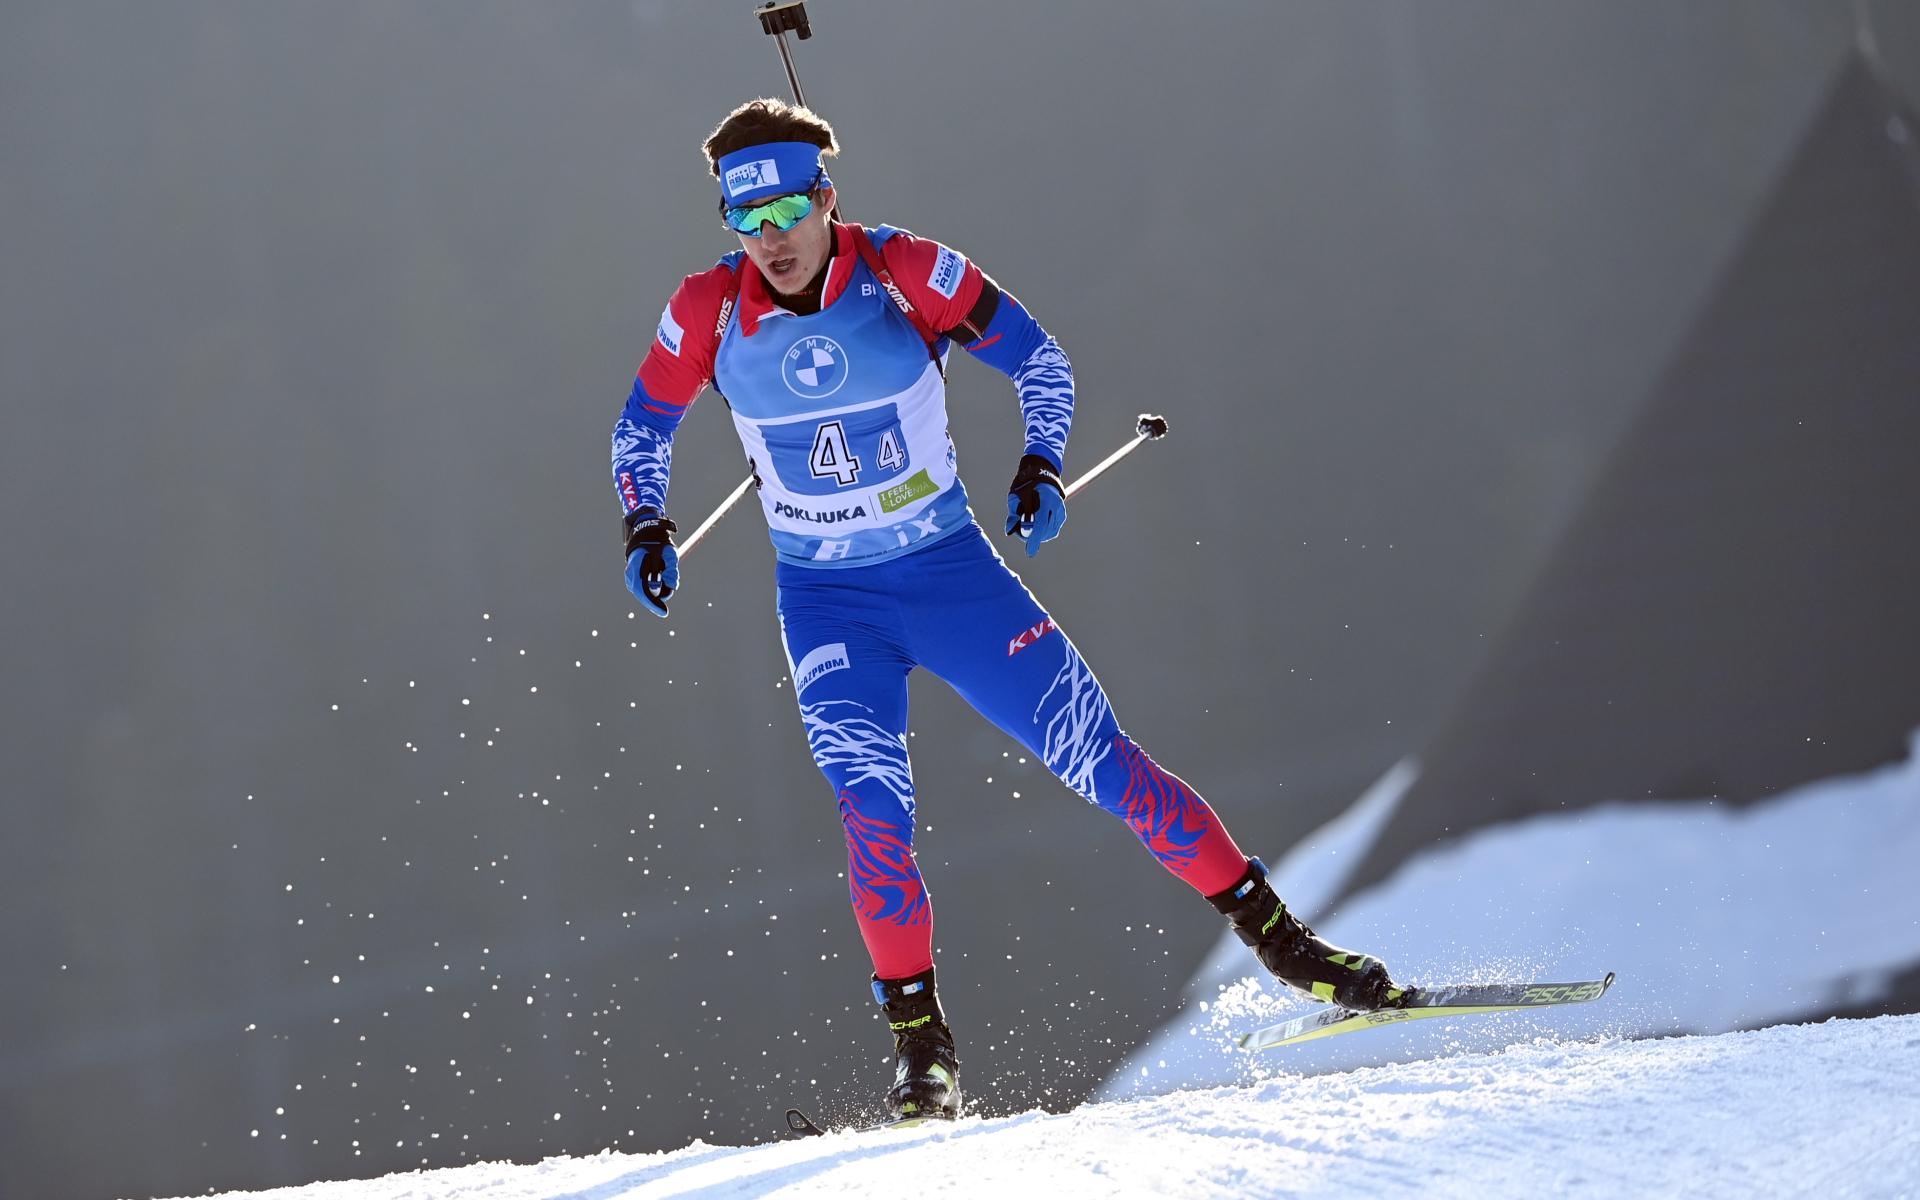 На последнем этапе эстафеты за сборную России выступал Эдуард Латыпов